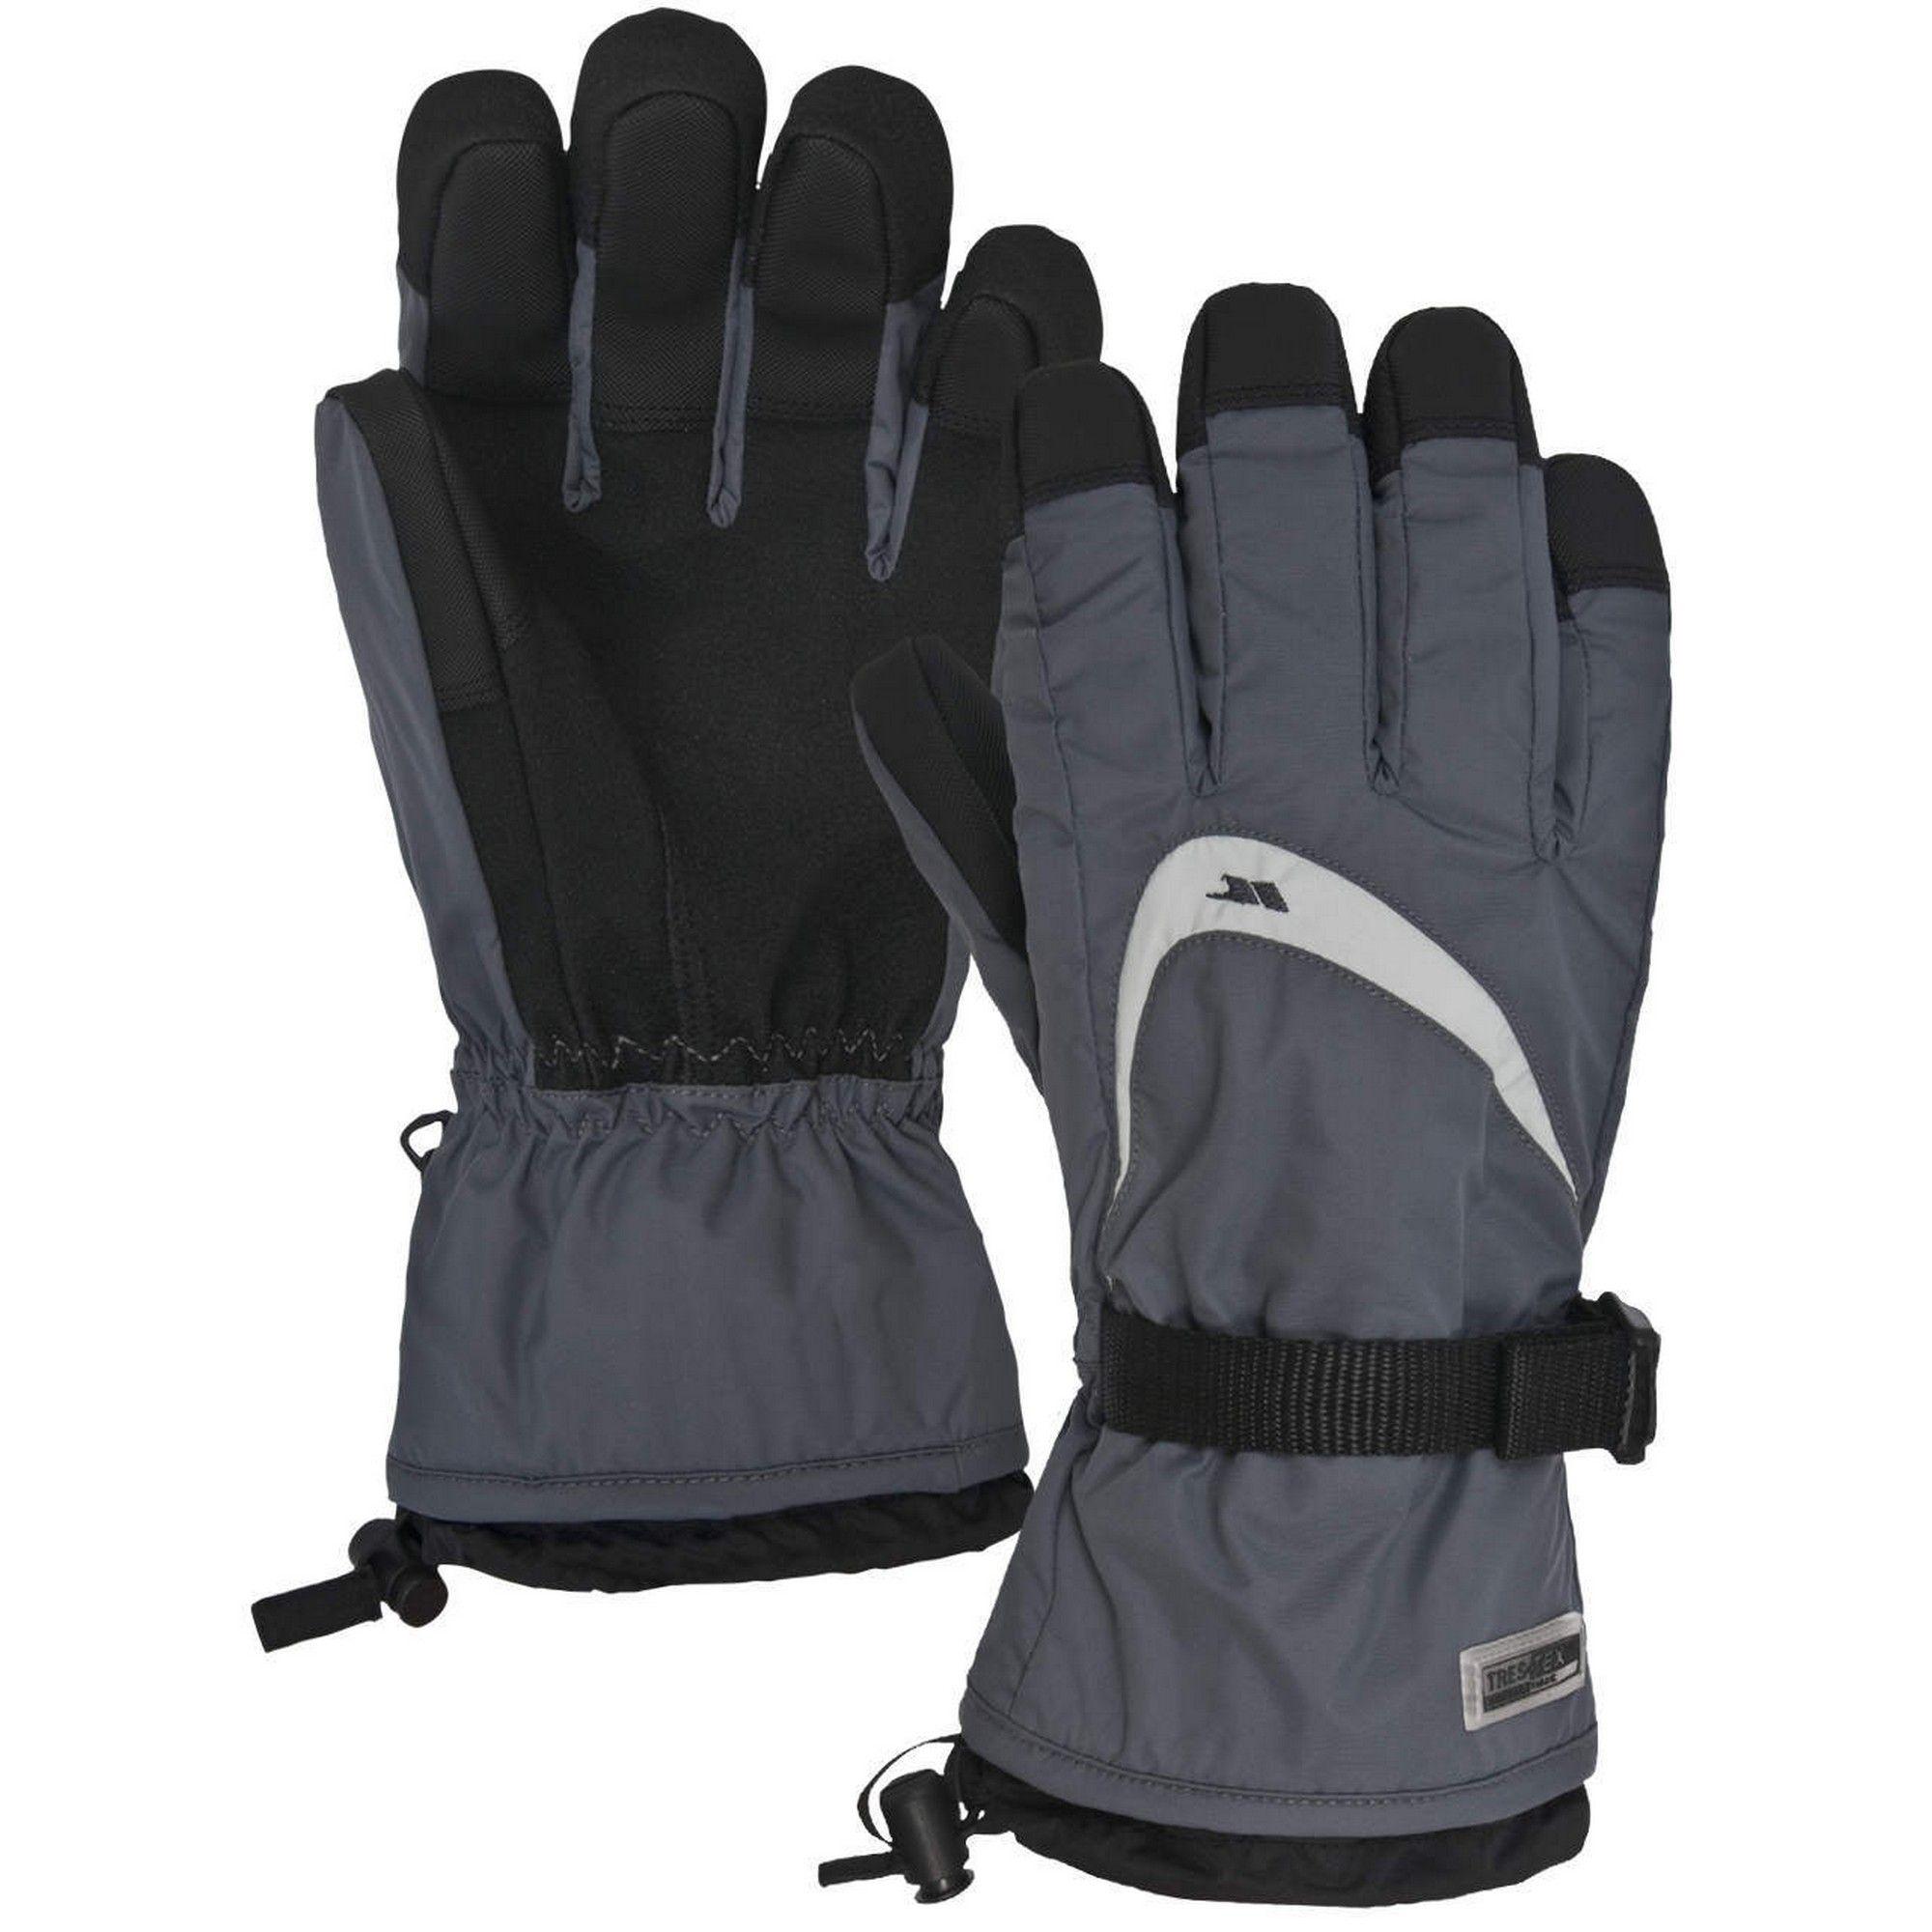 Trespass Mens Reunited II Ski Gloves